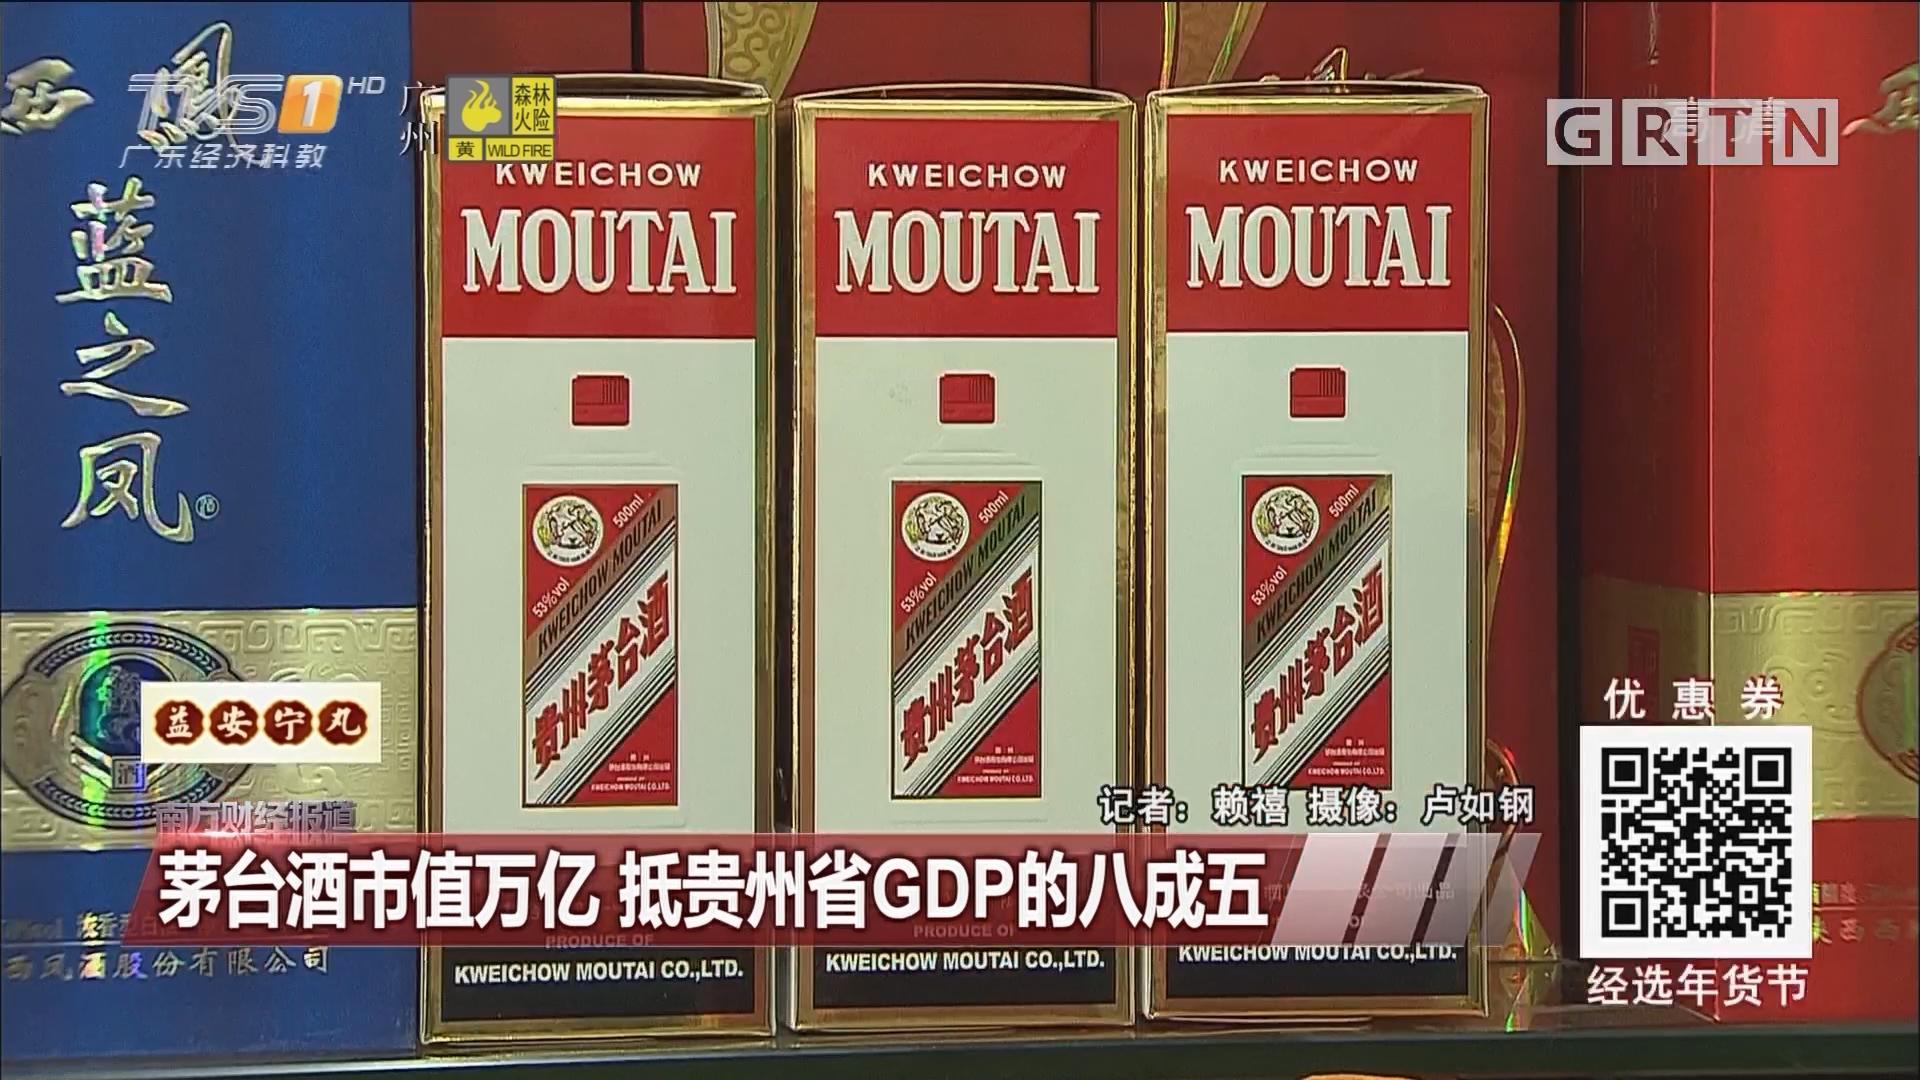 茅台酒市值万亿 抵贵州省GDP的八成五